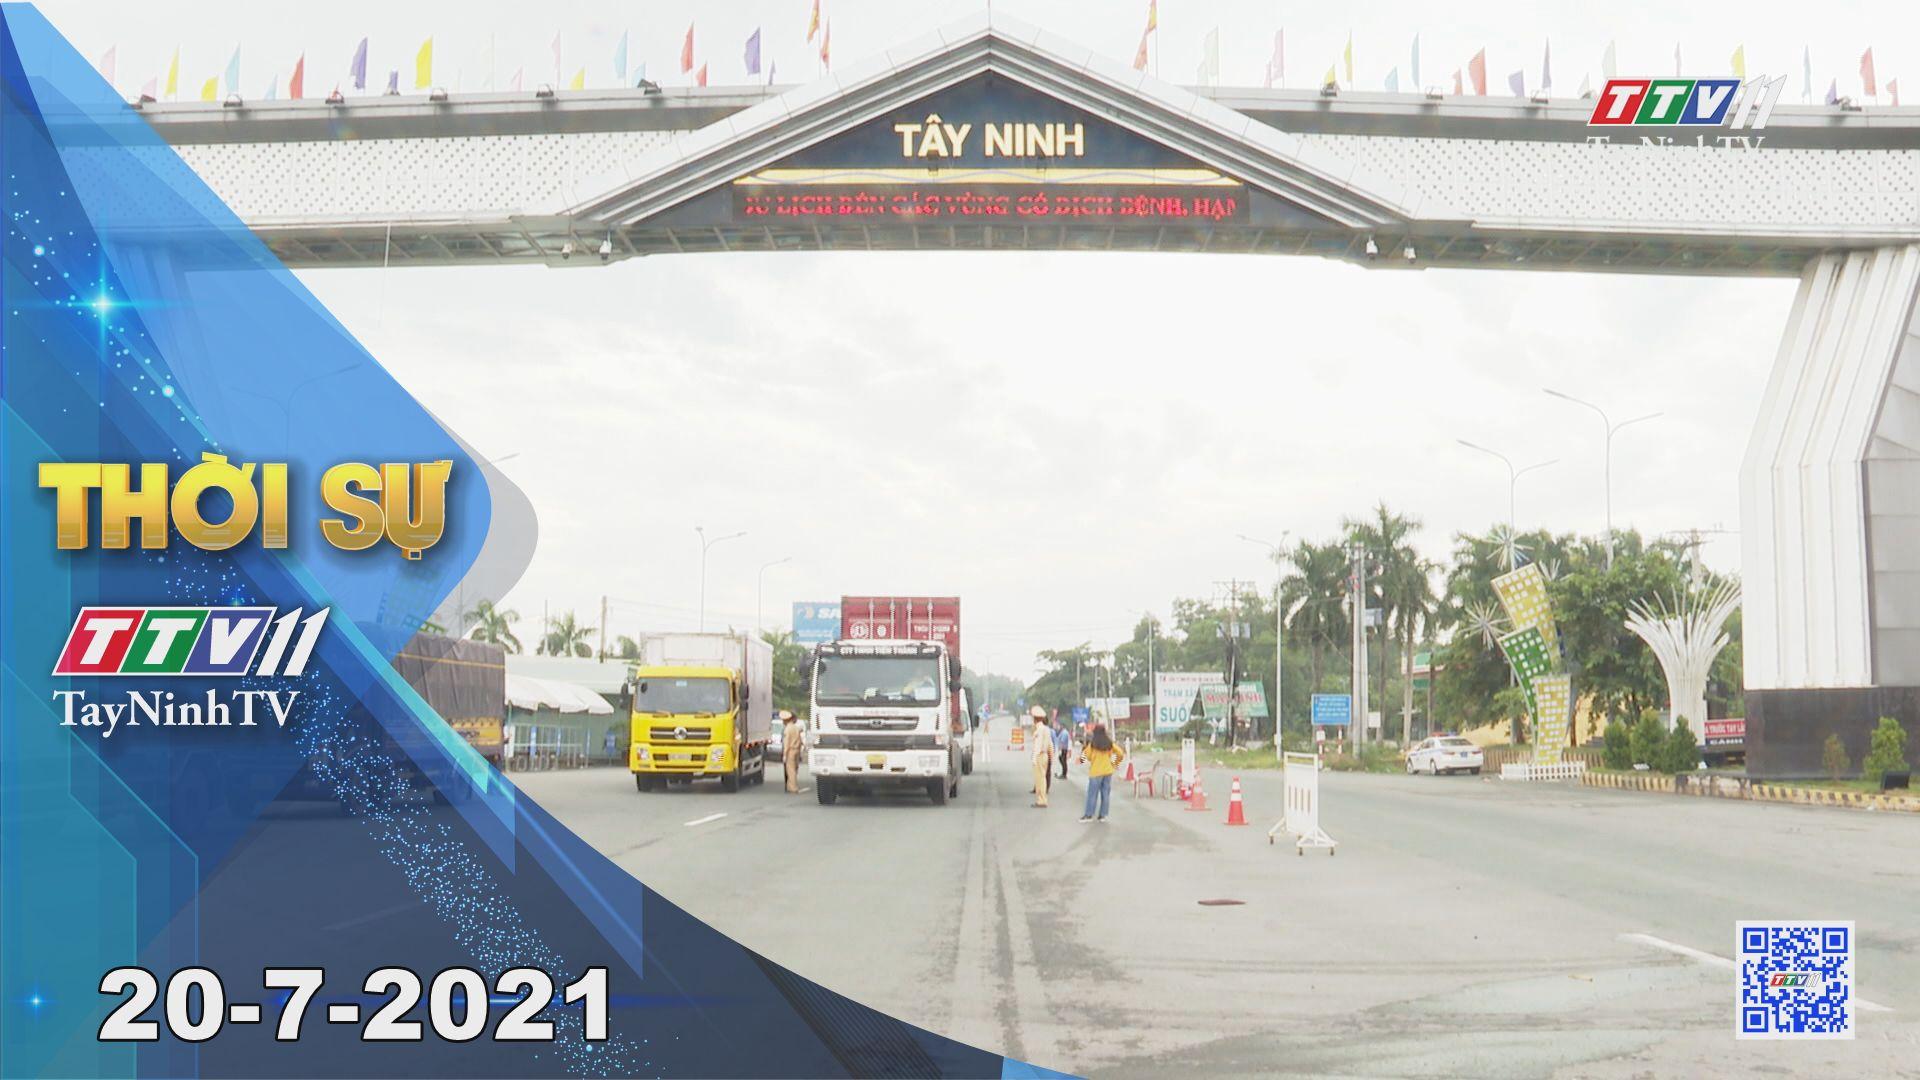 Thời sự Tây Ninh 20-7-2021 | Tin tức hôm nay | TayNinhTV